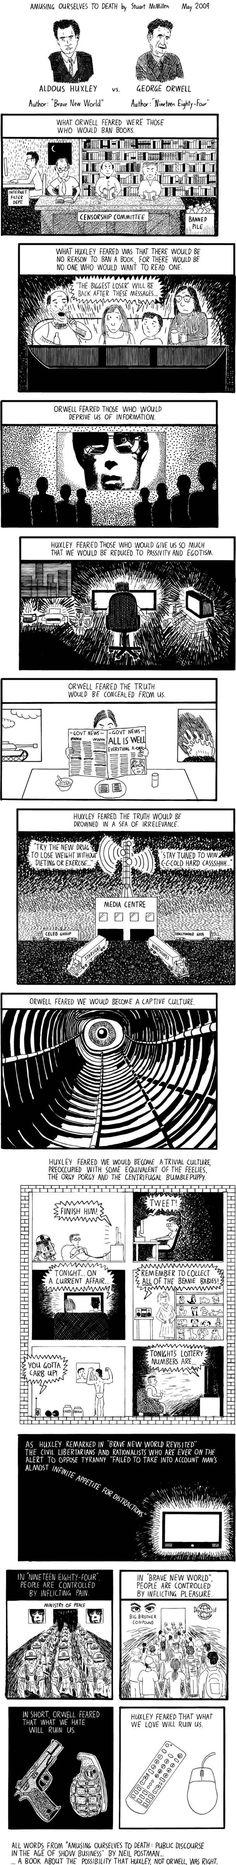 Entretenidos hasta la muerte: inquietante comparativo entre las distopías de Orwell y Aldous Huxley. (PijamaSurf).